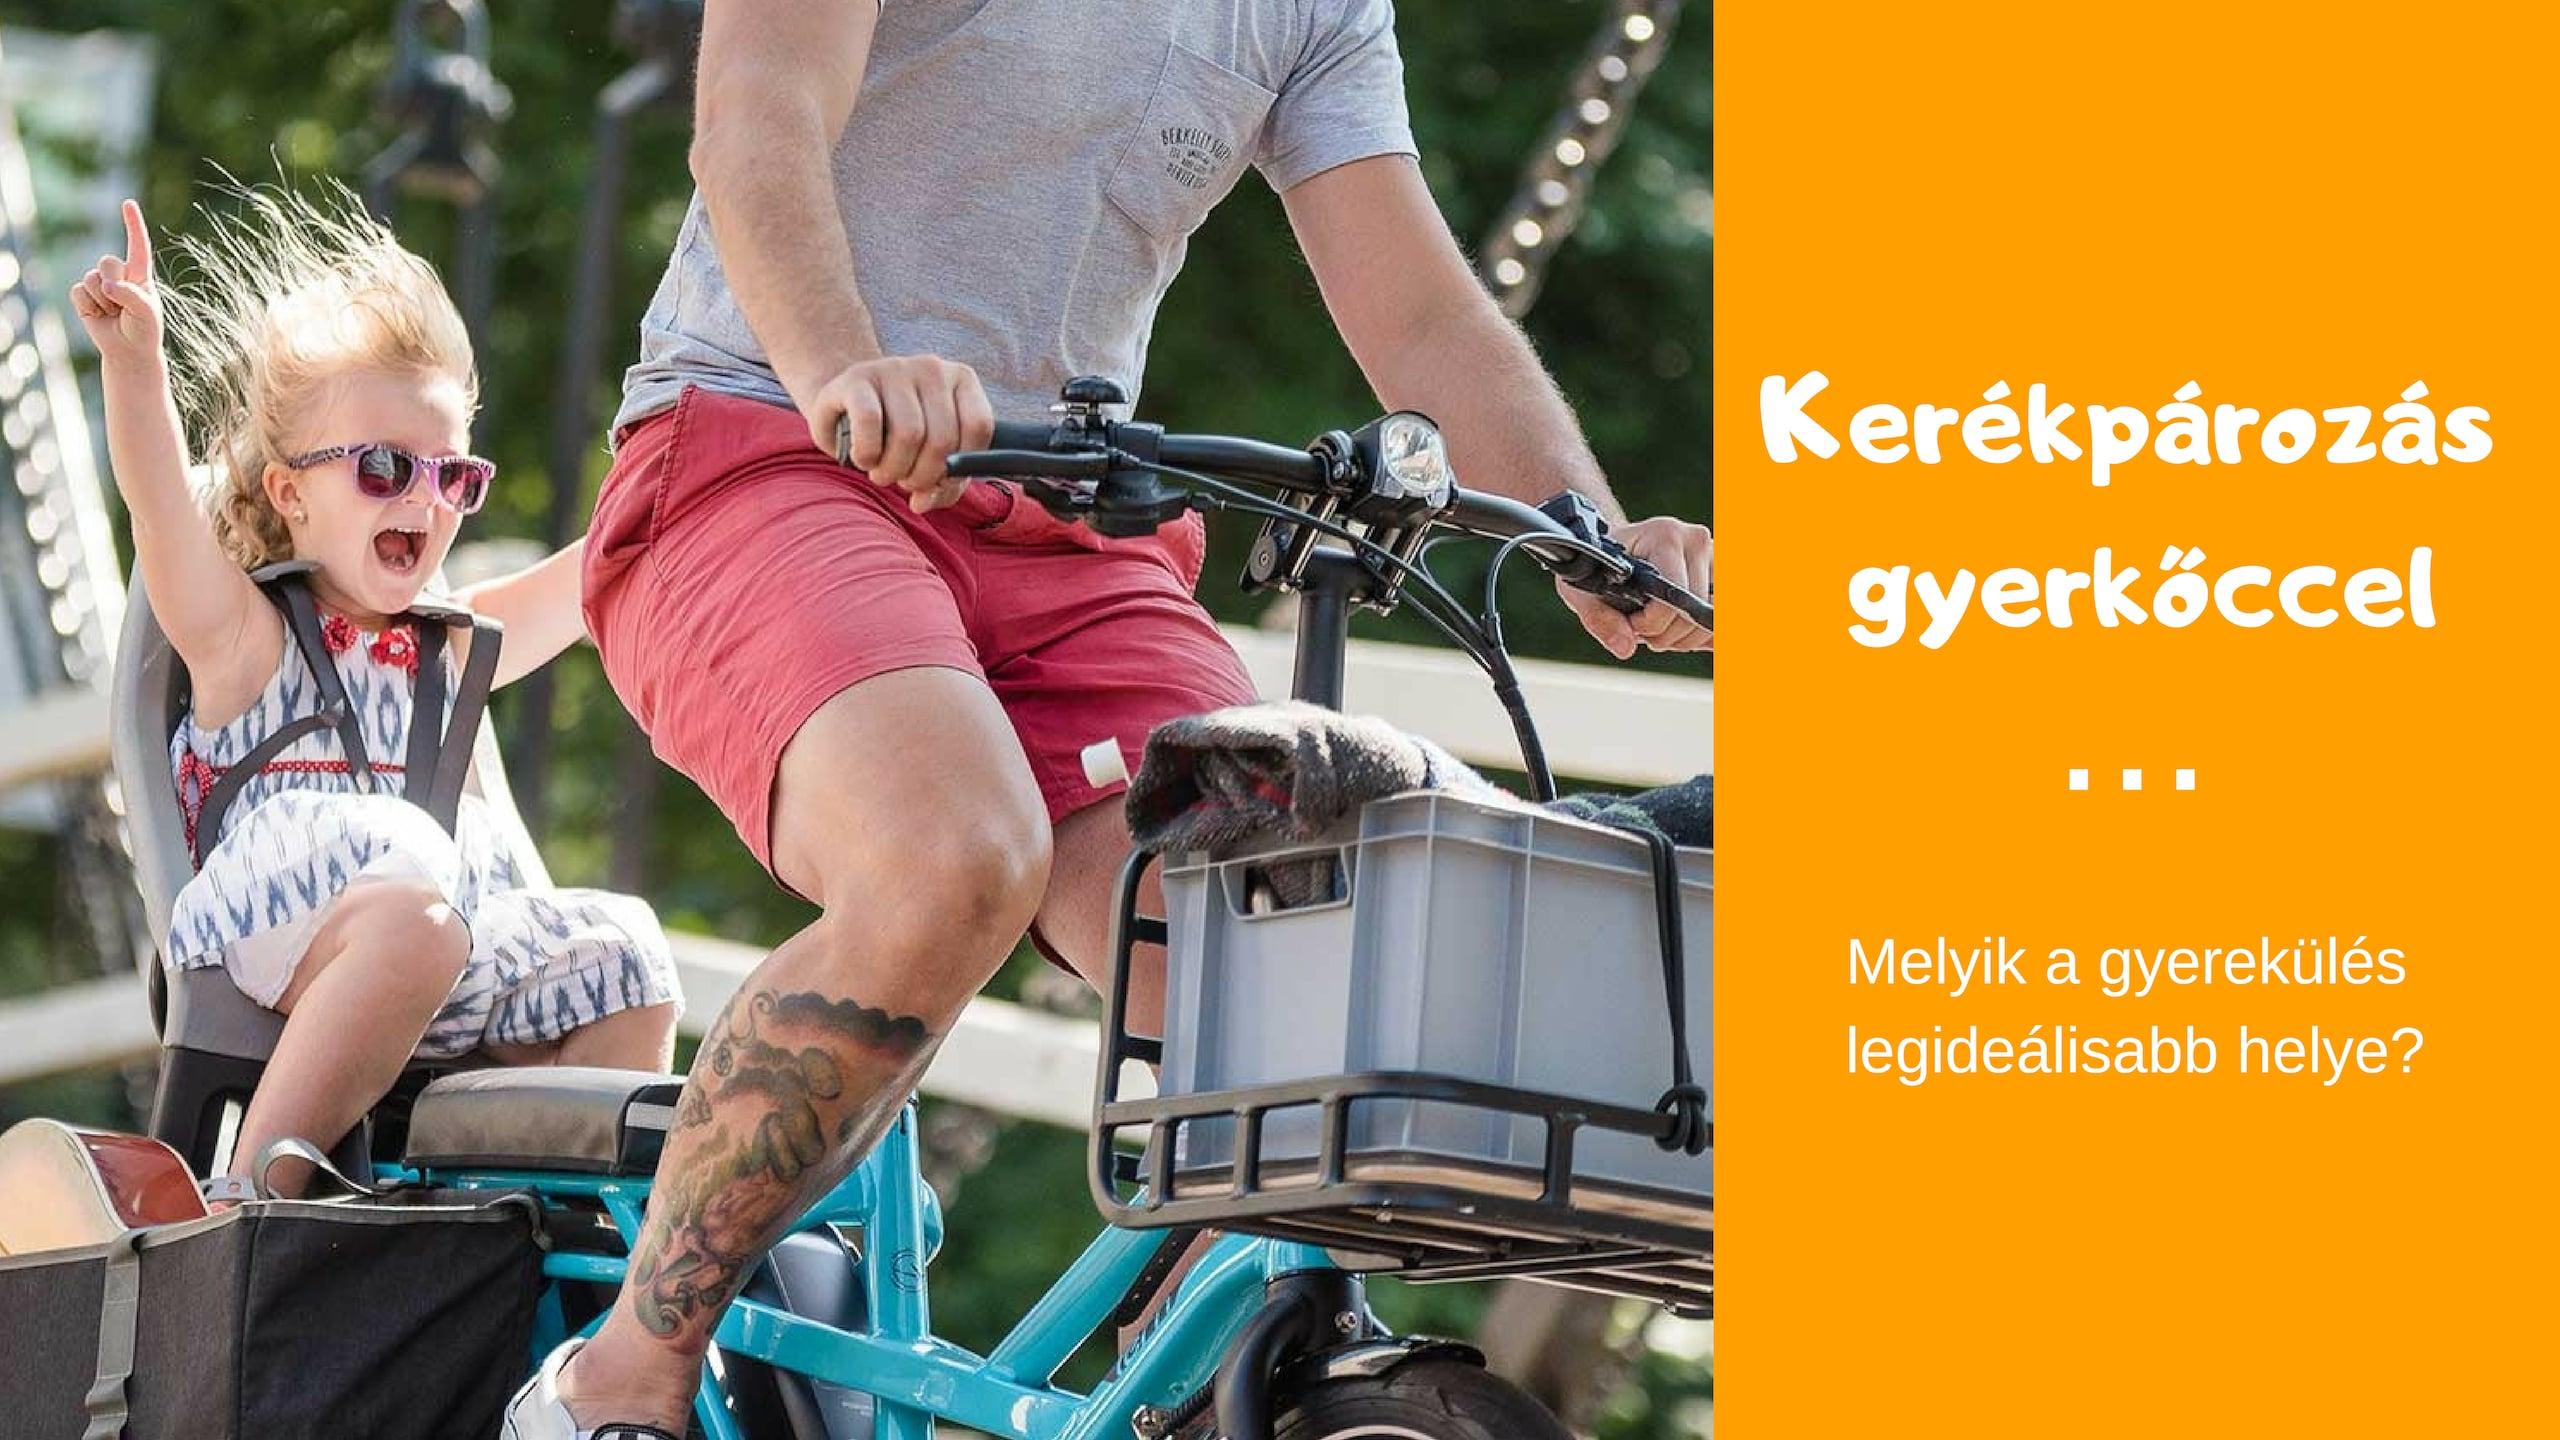 A kerékpár gyerekülés ideális helye